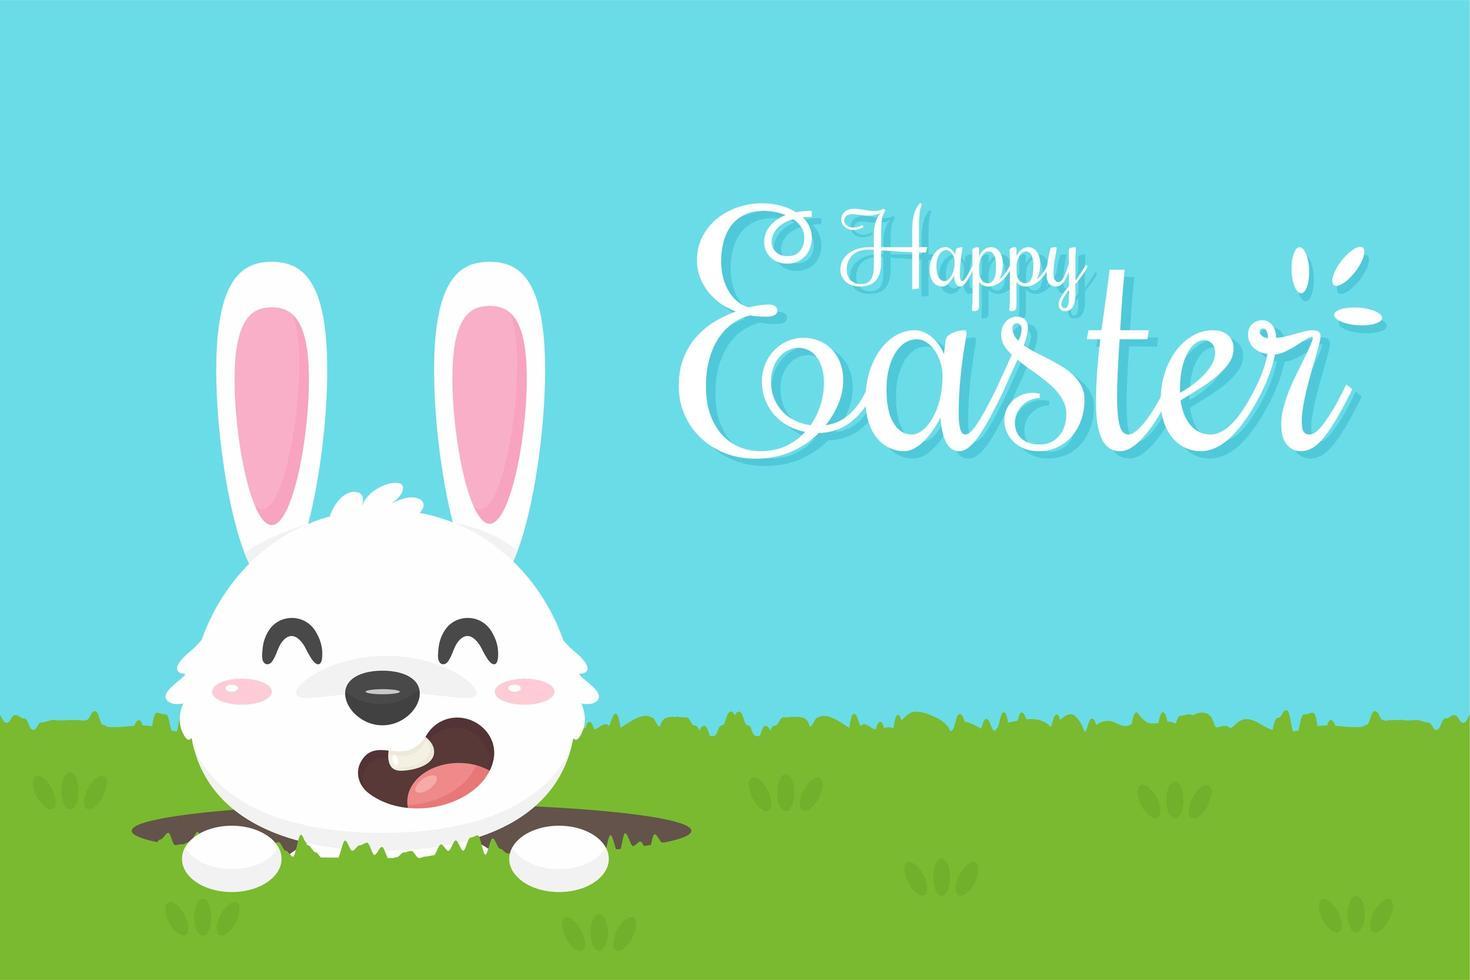 Glad påskhälsning med tecknad kanin vektor